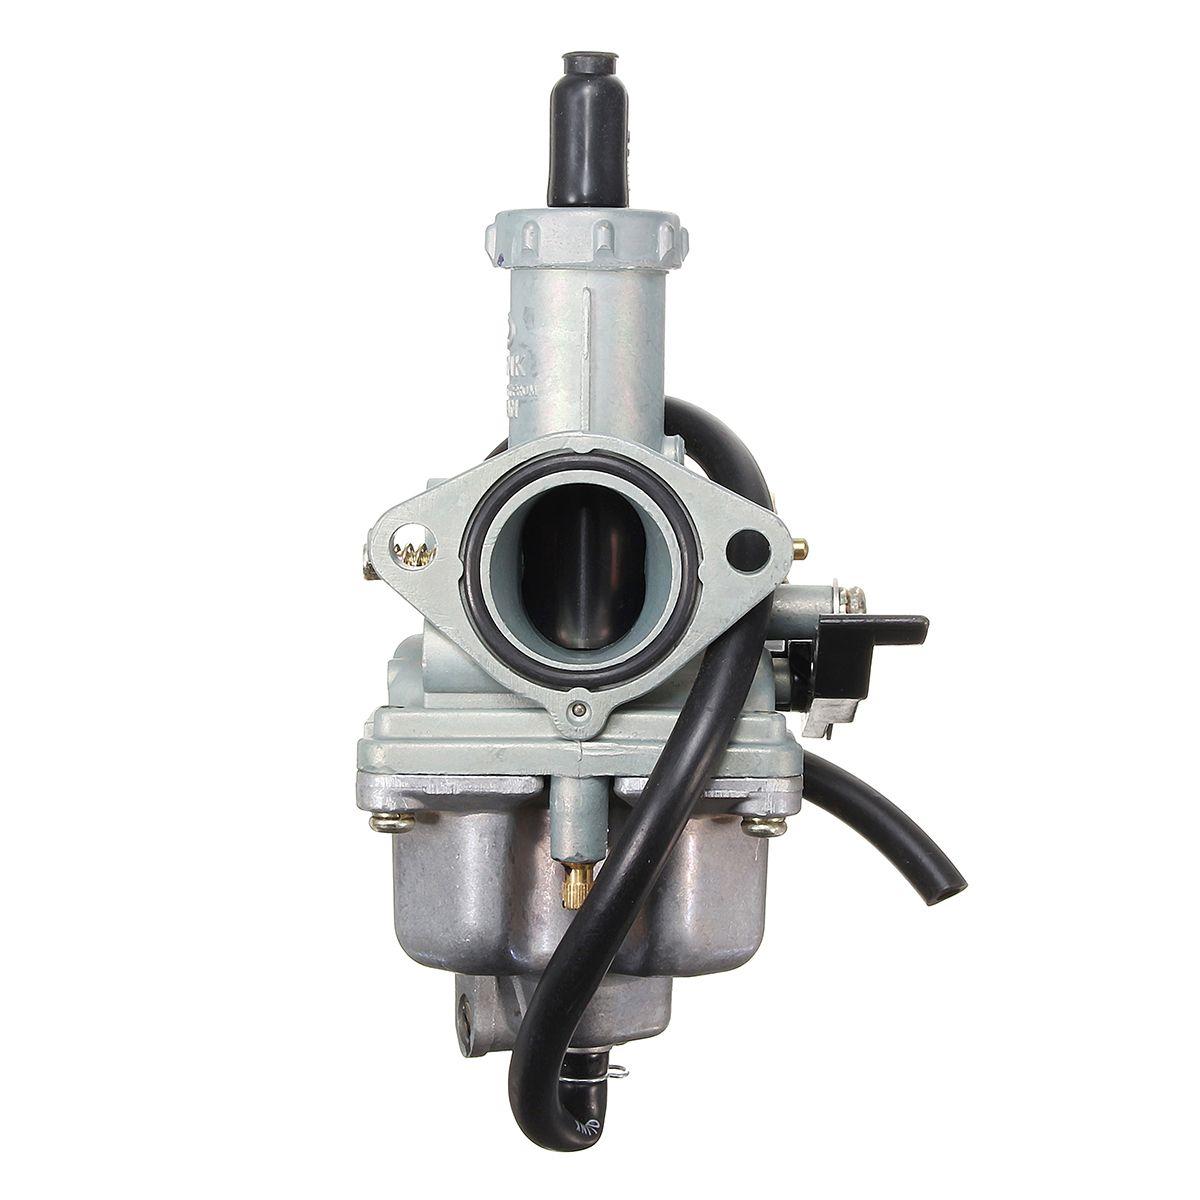 PZ26 Moto Carburador de repuesto Carb Fit para HONDA XR100